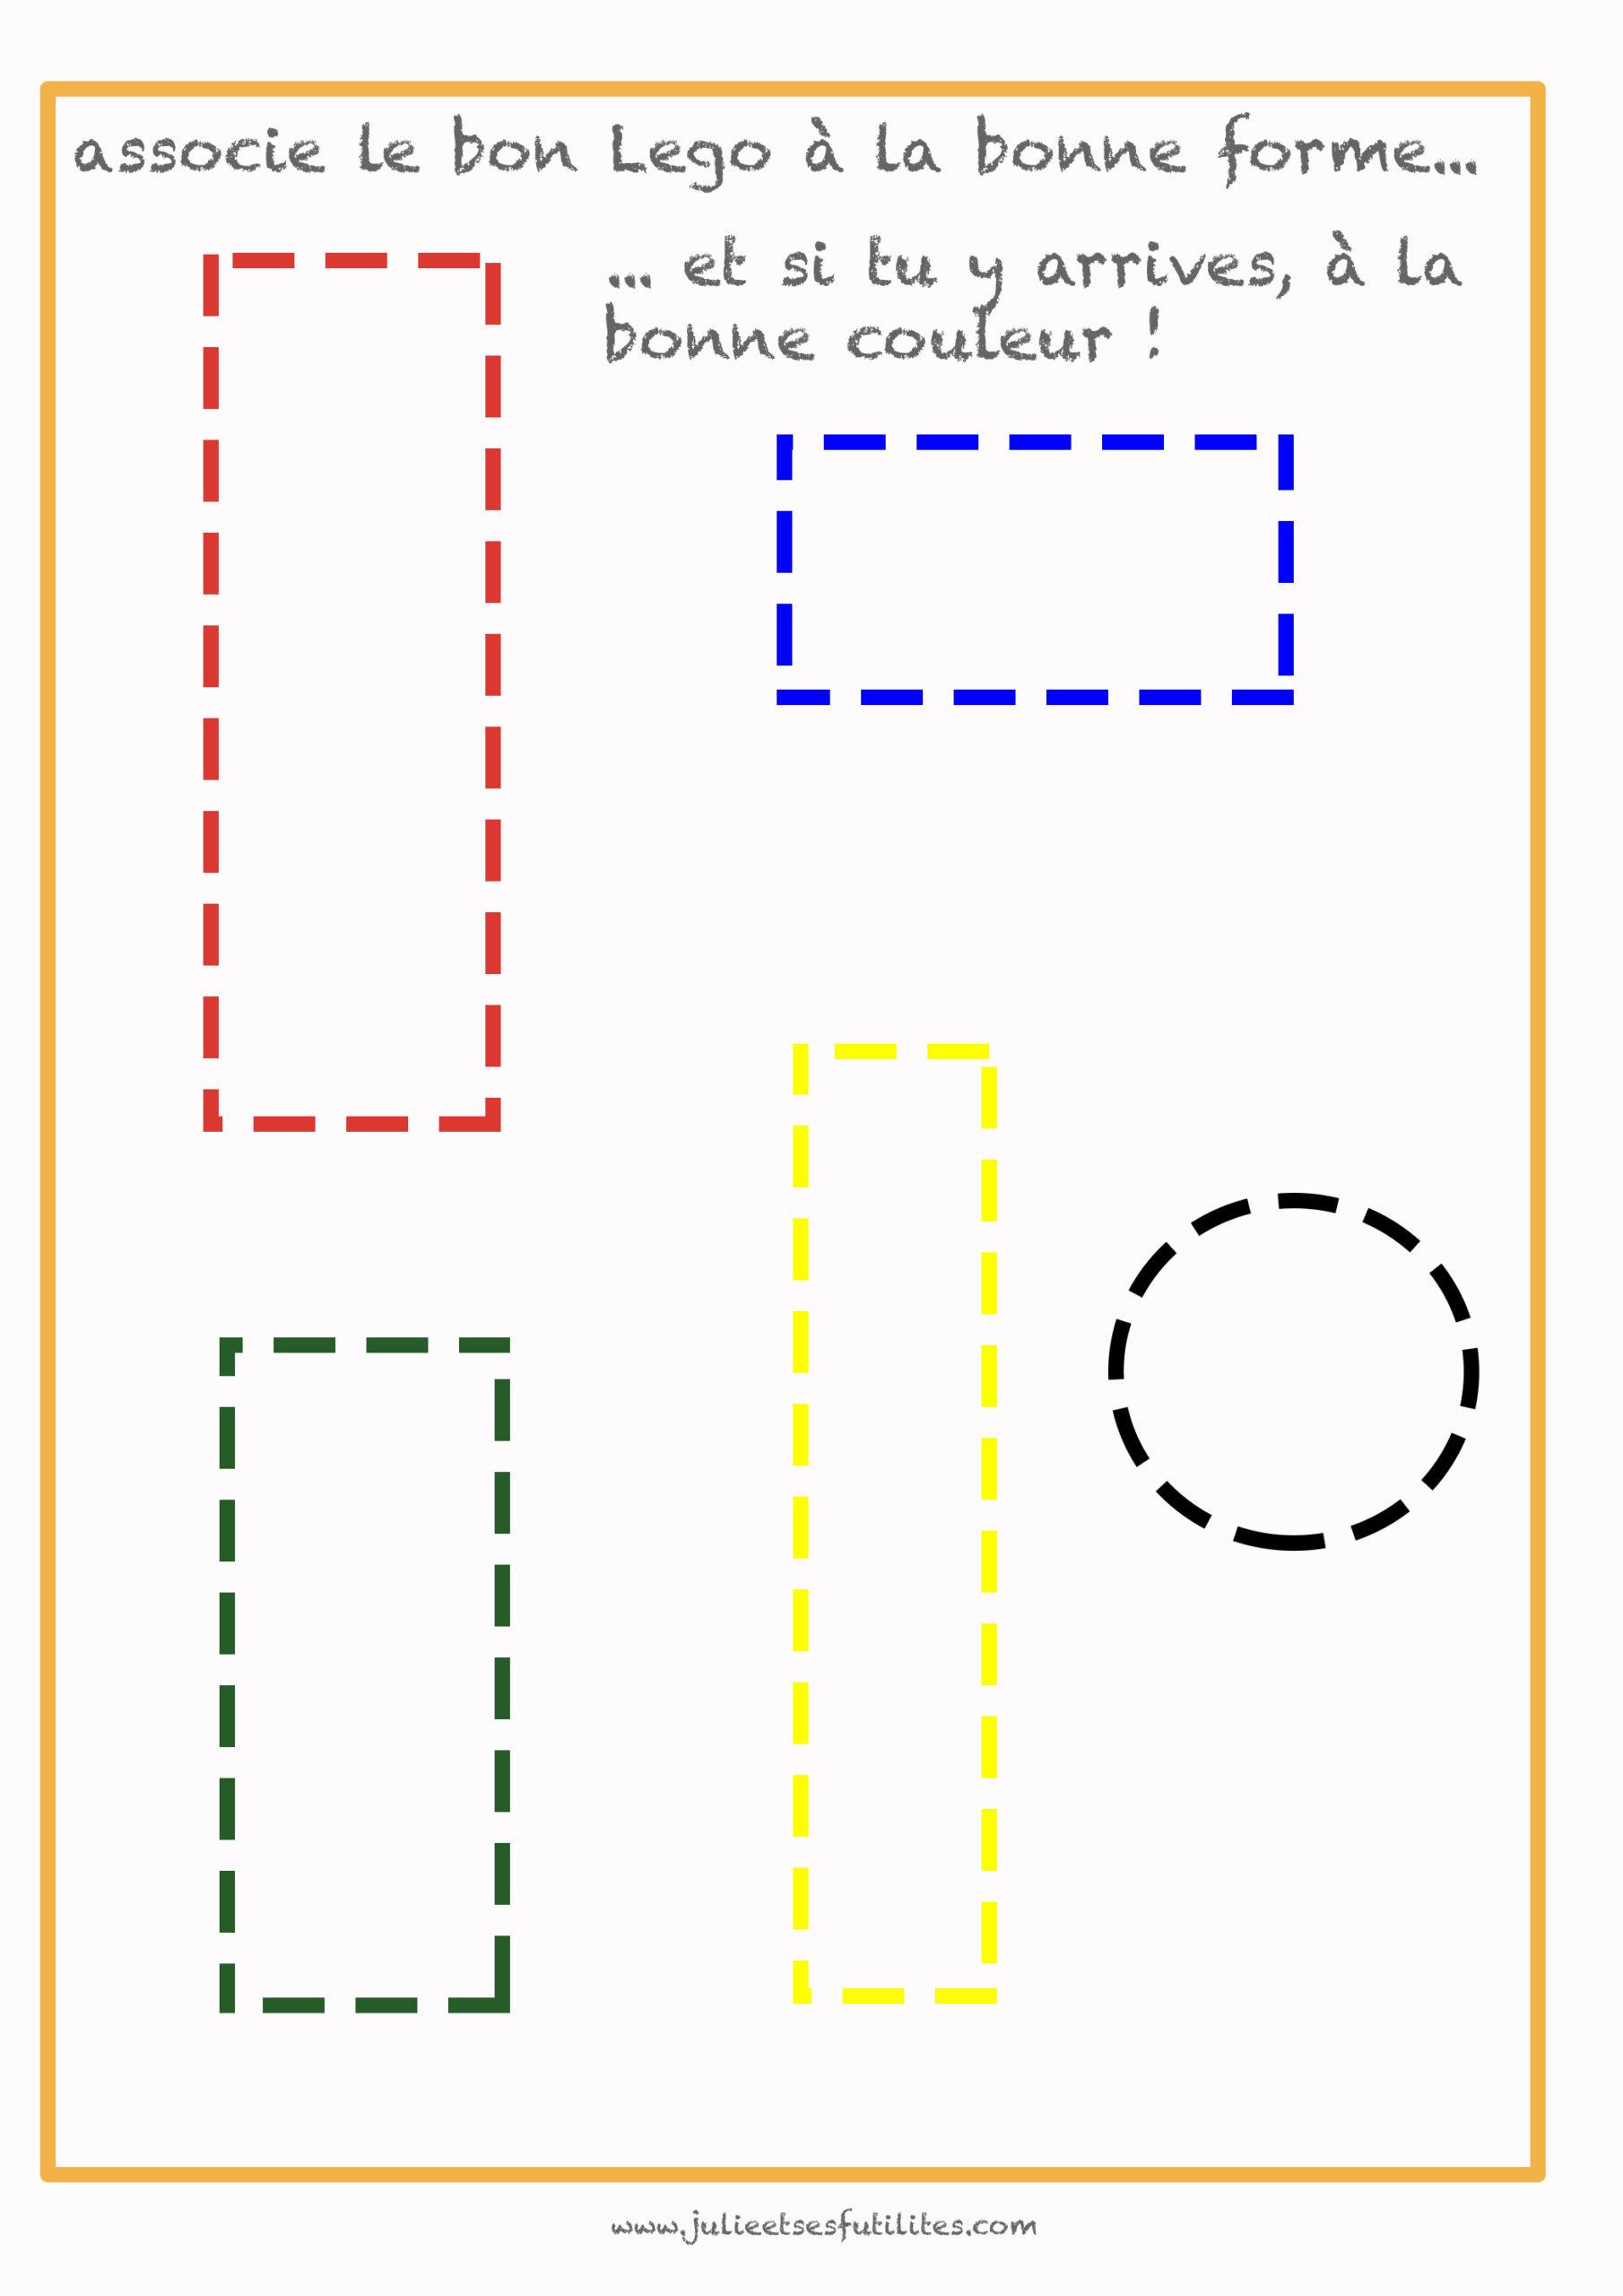 exercice-lego